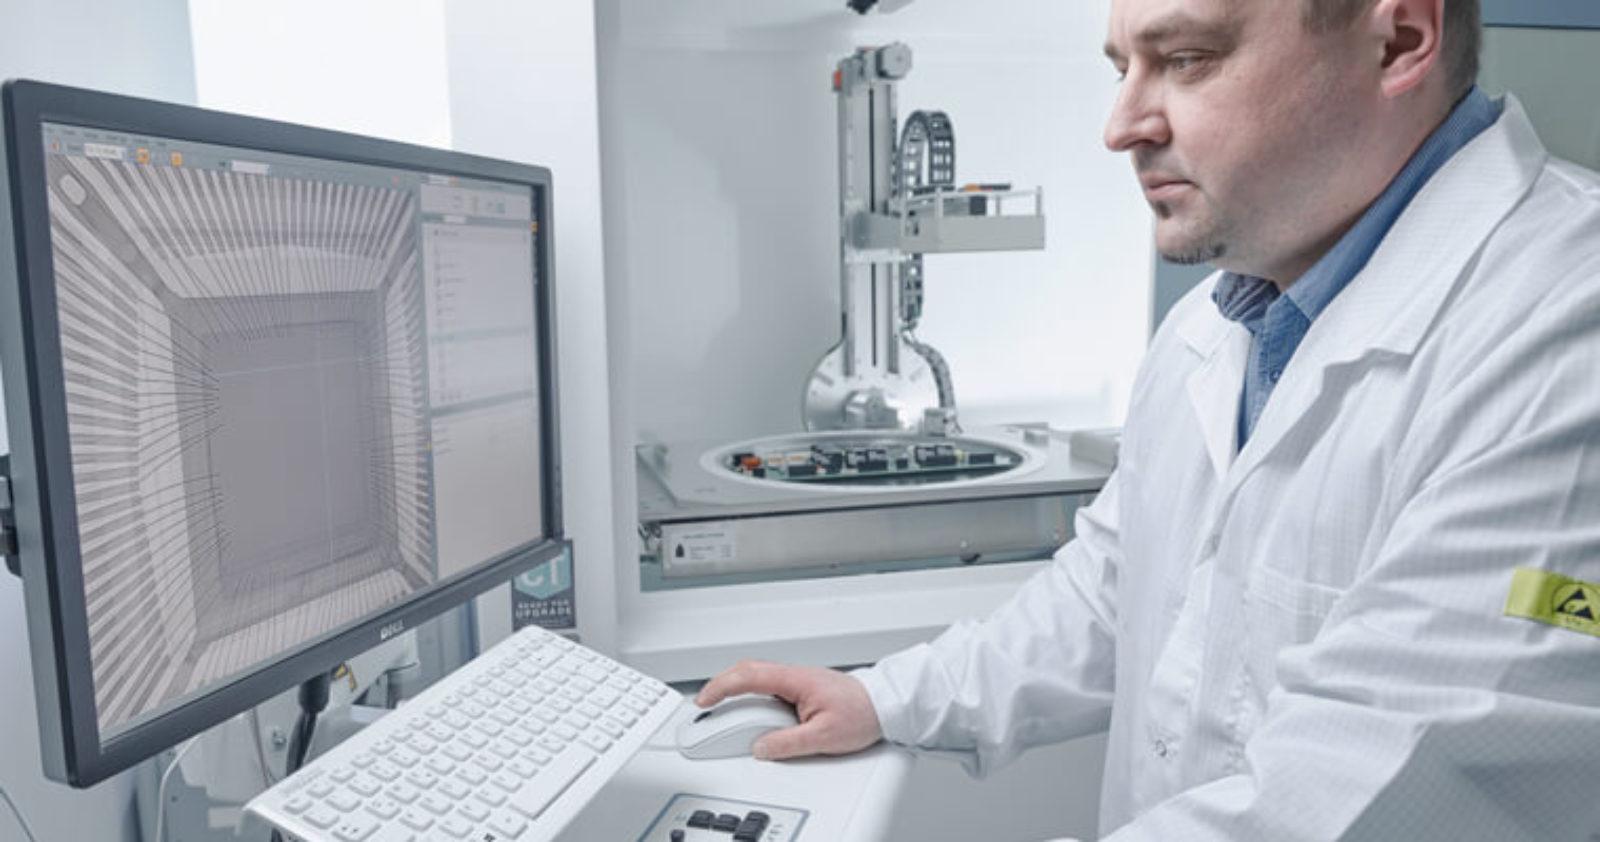 Testmethoden wie die Röntgenprüfung geben Sicherheit und begleiten die EMS-Serienfertigung bei Technosert.